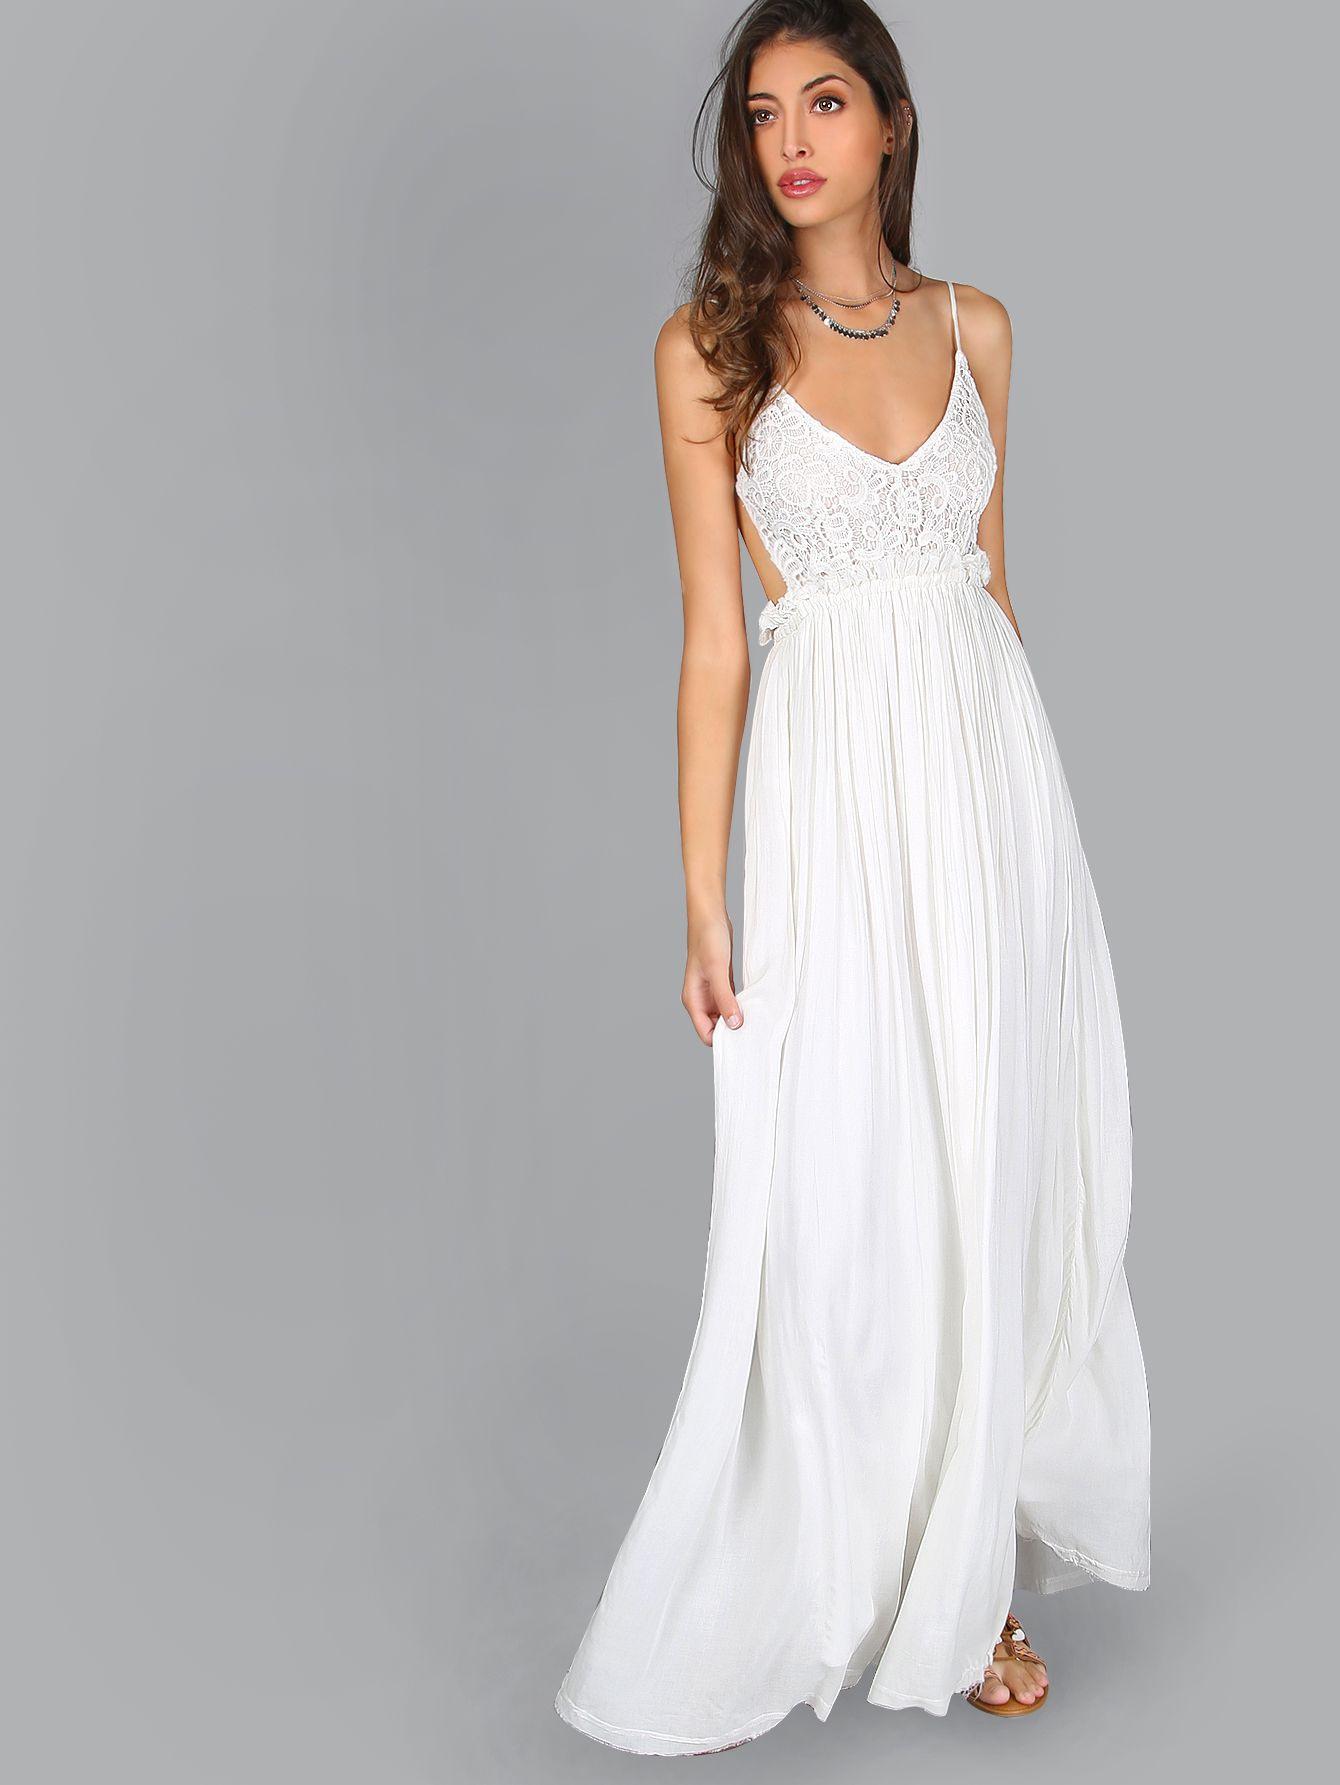 Designer Leicht Abendkleider Shein für 201915 Luxurius Abendkleider Shein Design